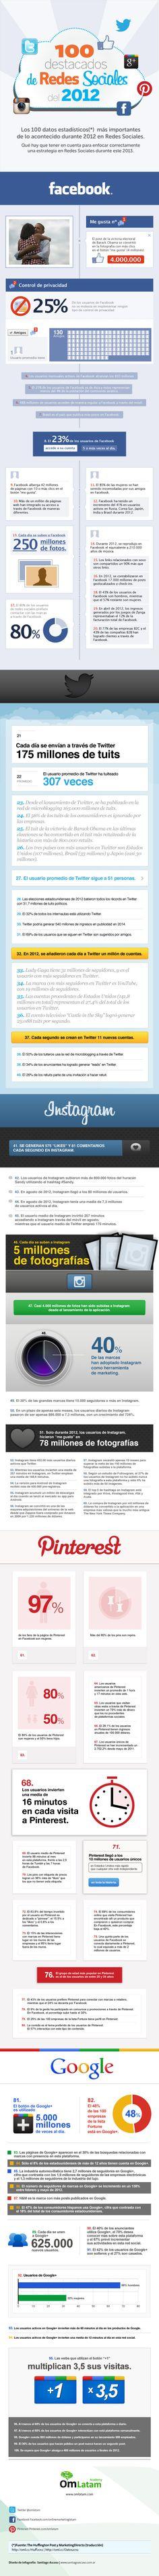 100 datos destacados de Redes Sociales en 2012